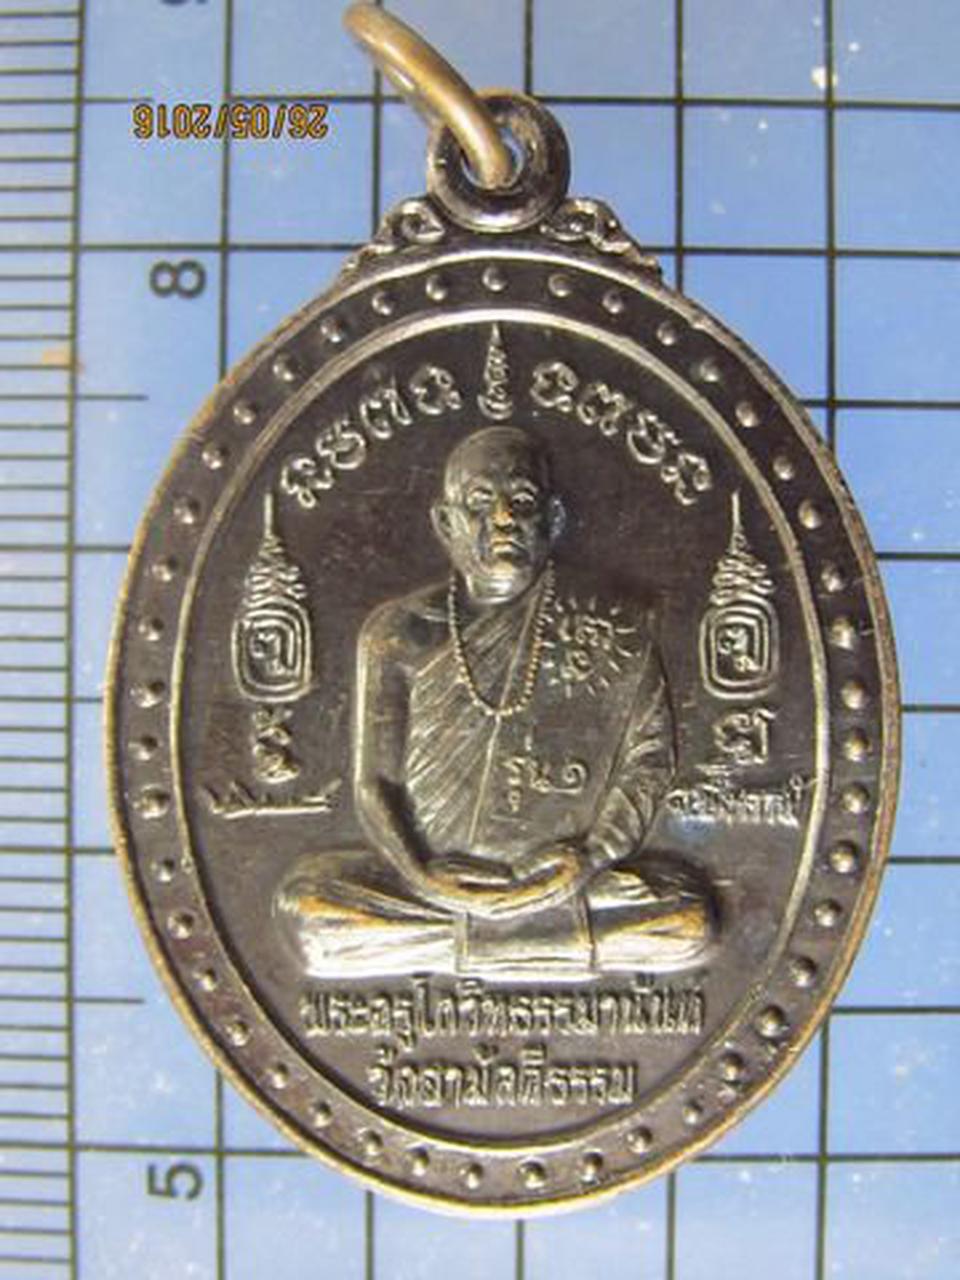 3445 เหรียญรุ่นแรก หลวงพ่อโกวิท วัดสามัคคีธรรม จ.บึงกาฬ รูปที่ 3